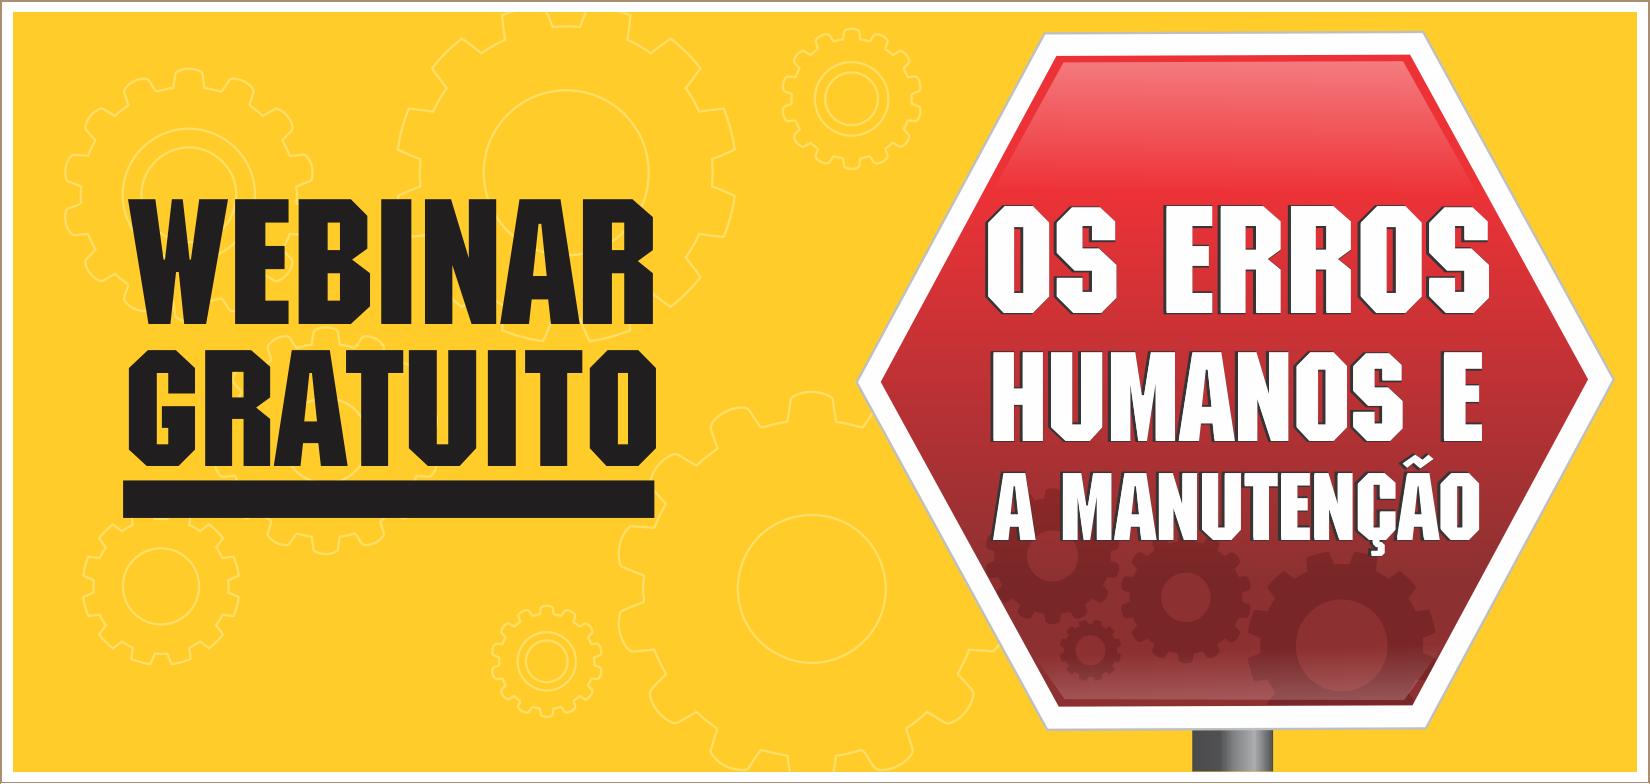 erros-humanos